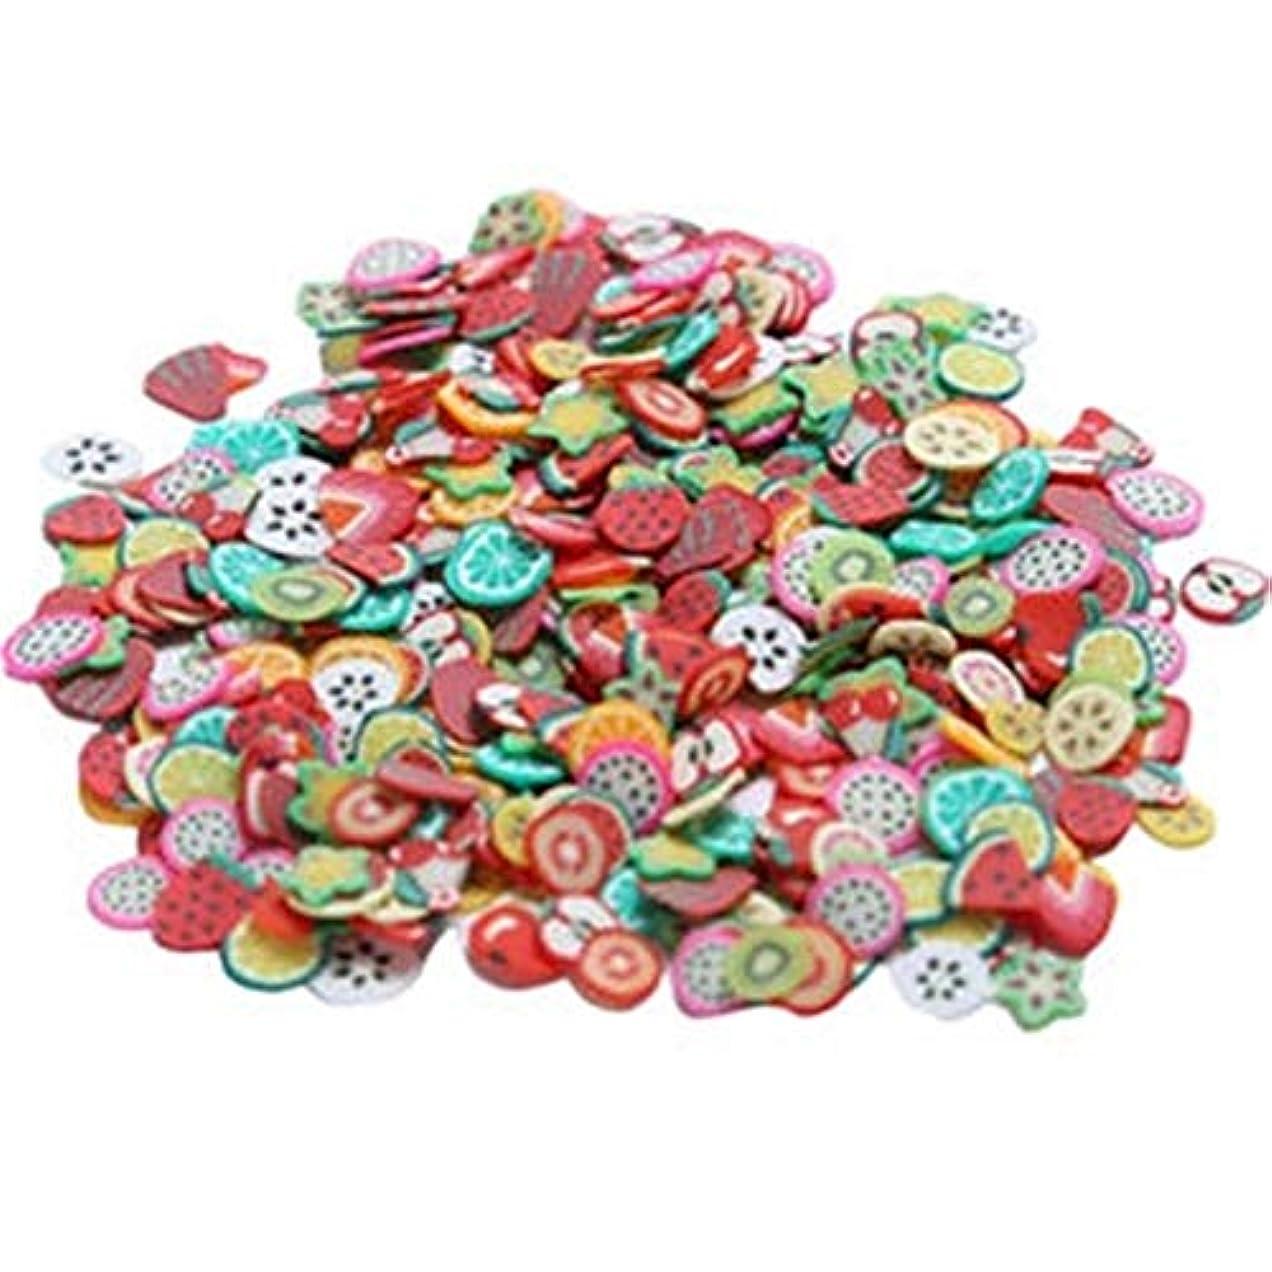 サイドボード今まで素人ネイルステッカー ネイルアート 1000個 ネイルデコレーション 多色 フルーツ かわいい オシャレ